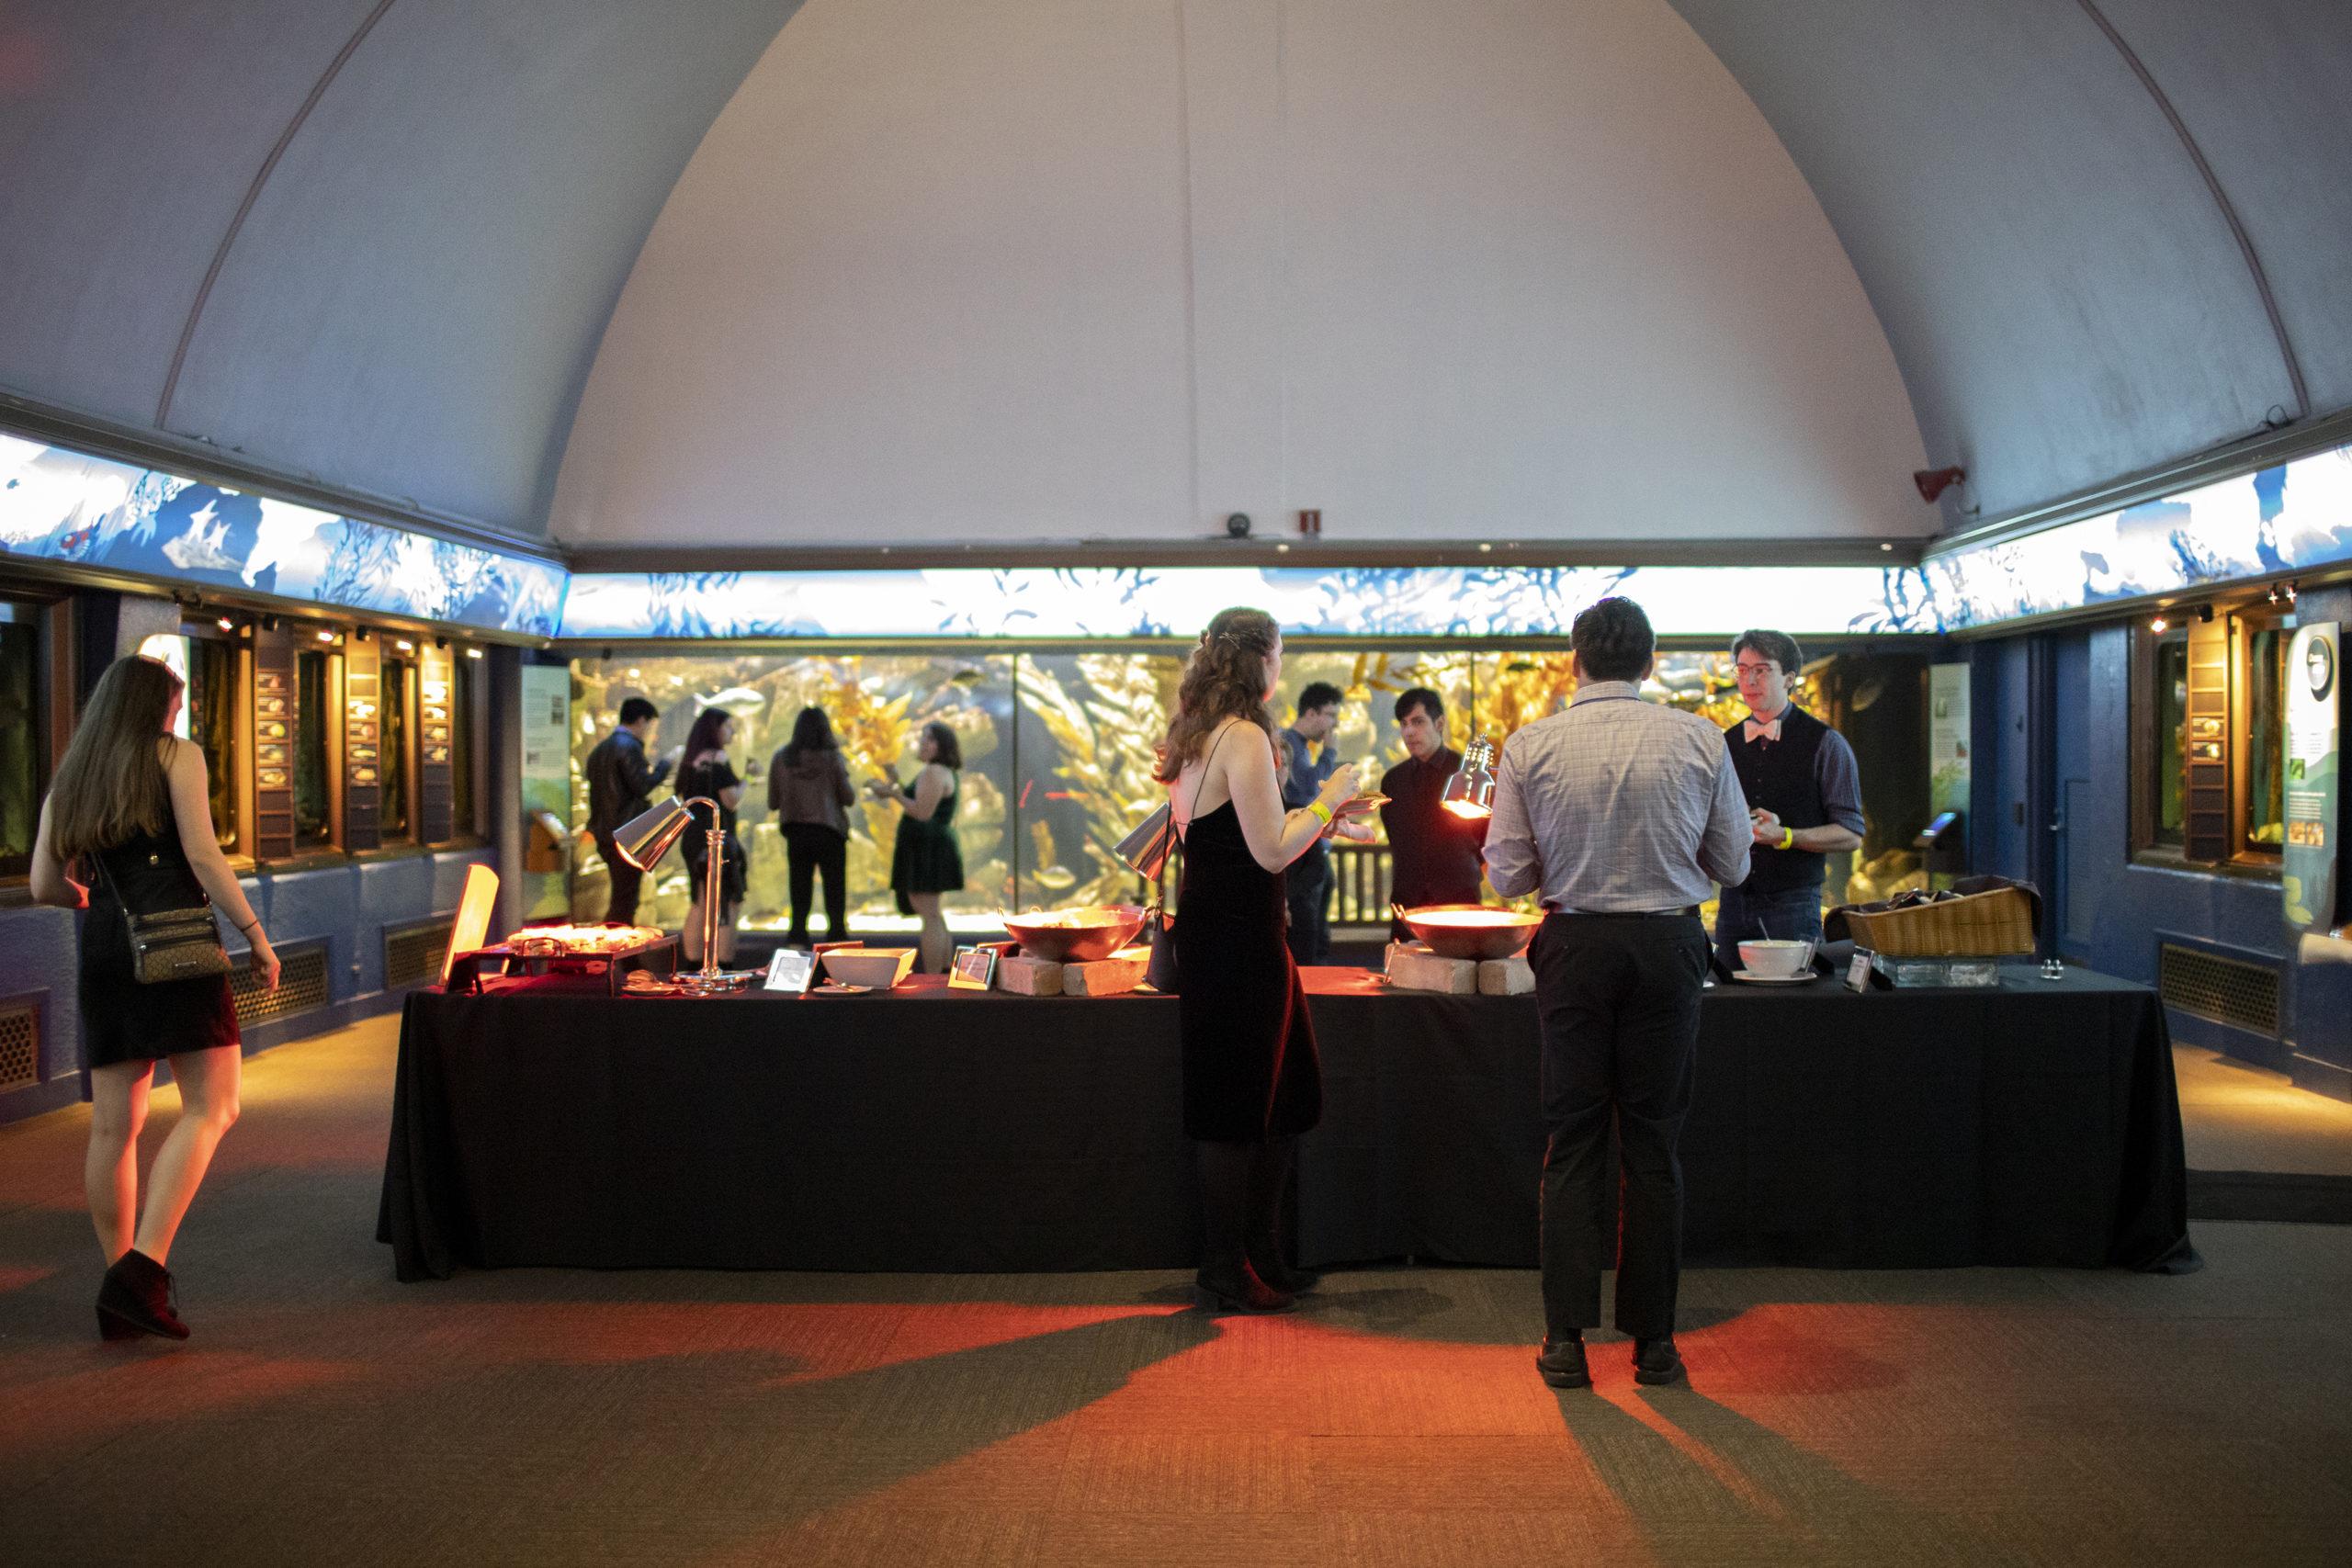 Special Event set up at Shedd Aquarium